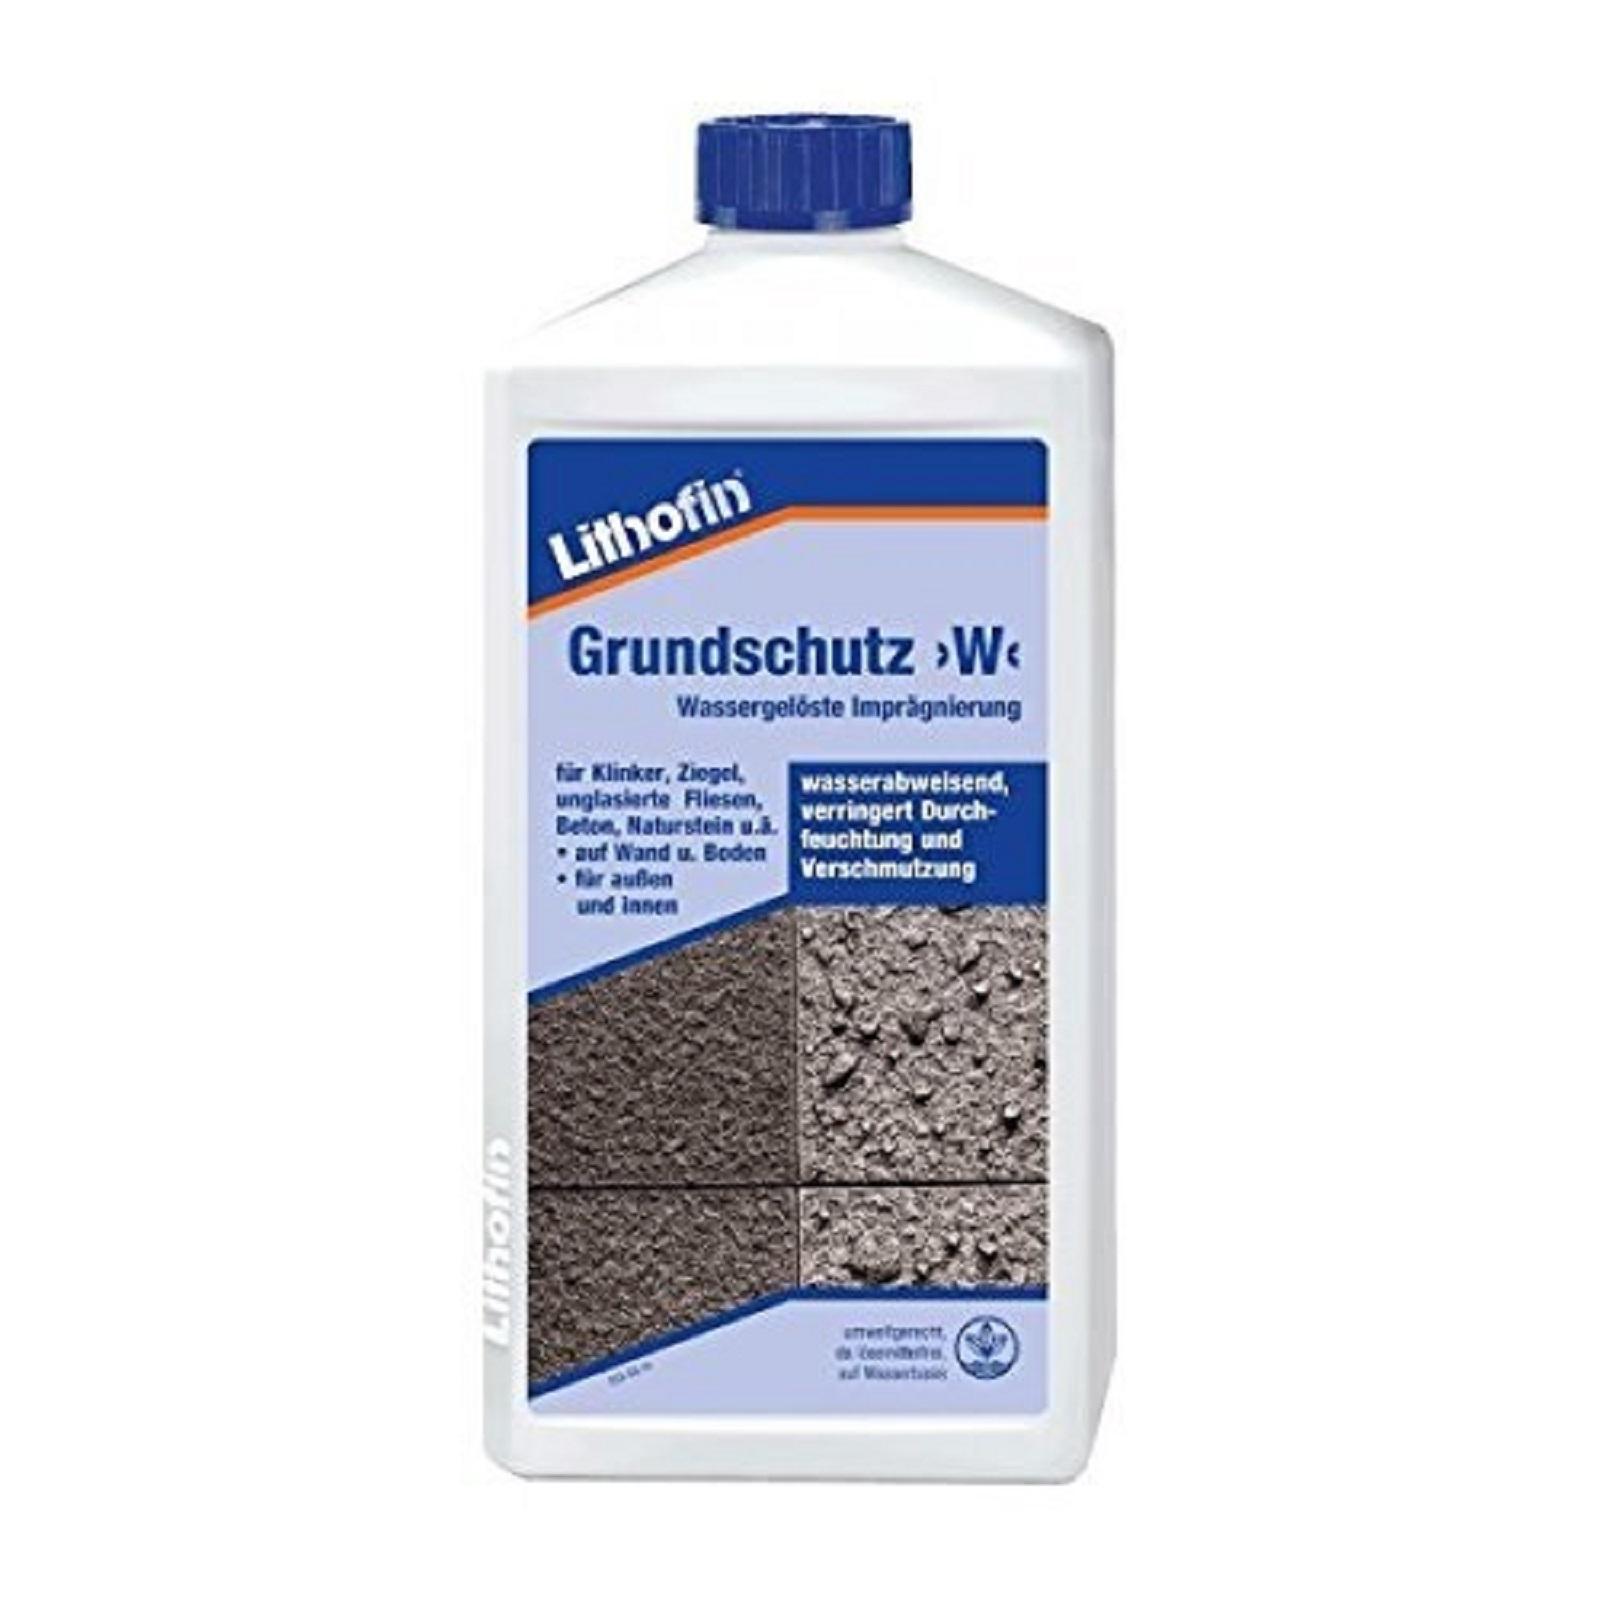 Lithofin Grundschutz>W< Wassergelöste Imprägnierung 1 Liter